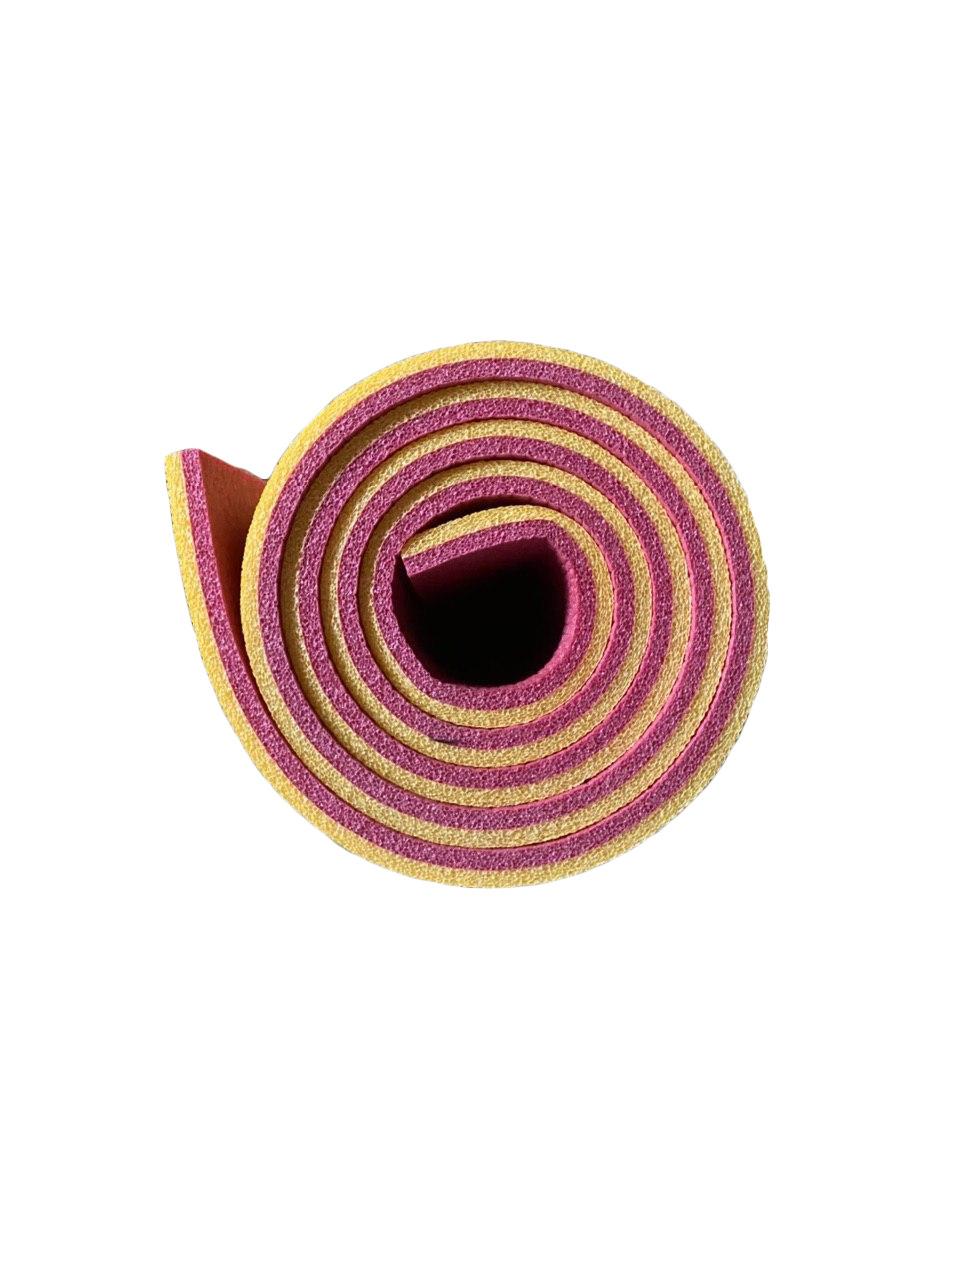 Каремат жовто-червоний, двошаровий, двокольоровий т. 10 мм, розмір 60х180 см, Виробник Україна, TERMOIZOL®